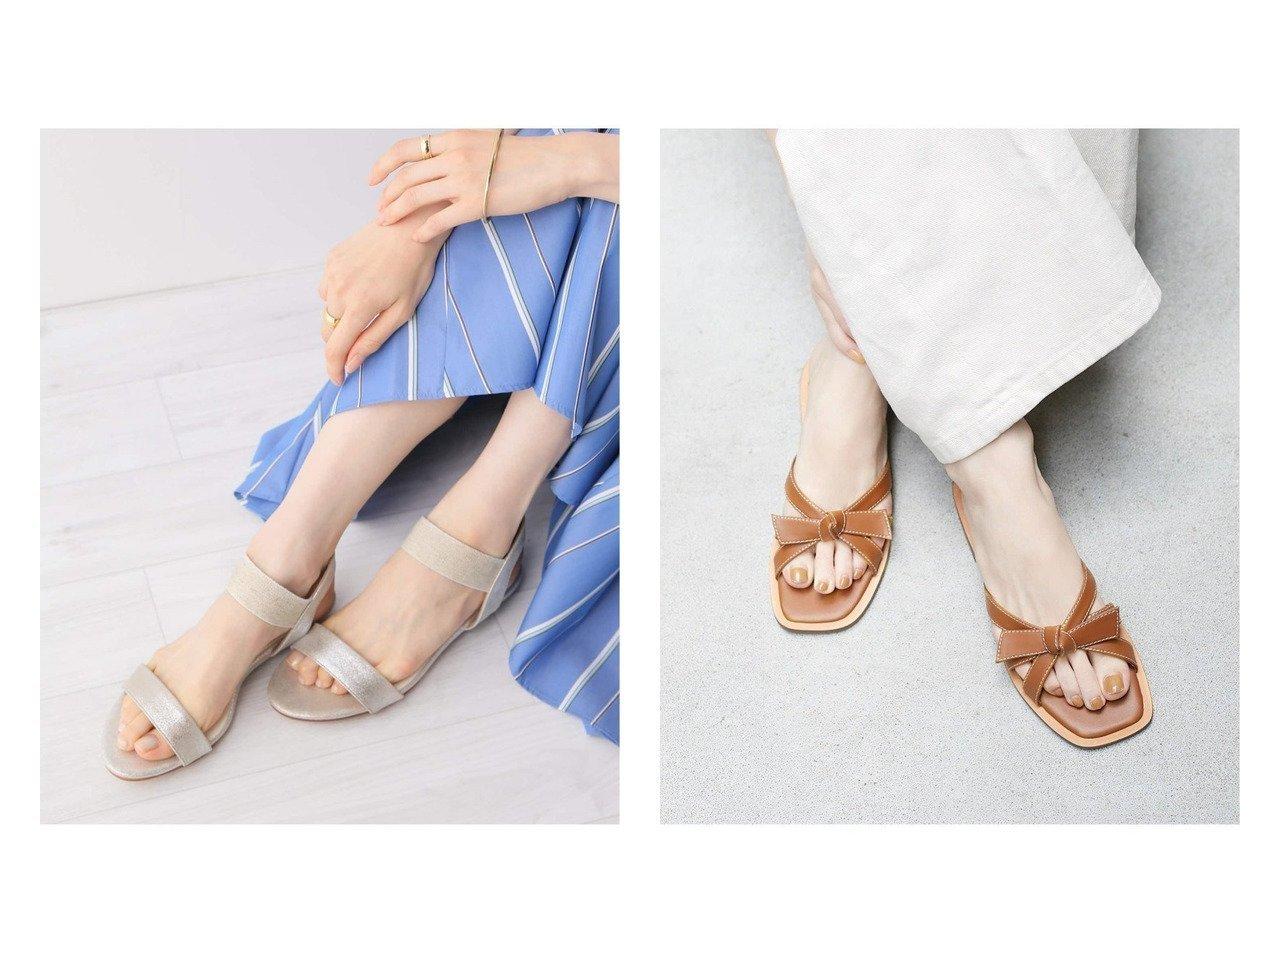 【Le Talon/ル タロン】のスクエアステッチリボンサンダル&2cmゴムベルトサンダル 【シューズ・靴】おすすめ!人気トレンド・レディースファッション通販 おすすめで人気の流行・トレンド、ファッションの通販商品 インテリア・家具・メンズファッション・キッズファッション・レディースファッション・服の通販 founy(ファニー) https://founy.com/ ファッション Fashion レディースファッション WOMEN ベルト Belts アンクル クッション サンダル シューズ シルバー 定番 Standard フラット マキシ ミュール ラップ リラックス 2021年 2021 S/S・春夏 SS・Spring/Summer 2021春夏・S/S SS/Spring/Summer/2021 夏 Summer |ID:crp329100000052950